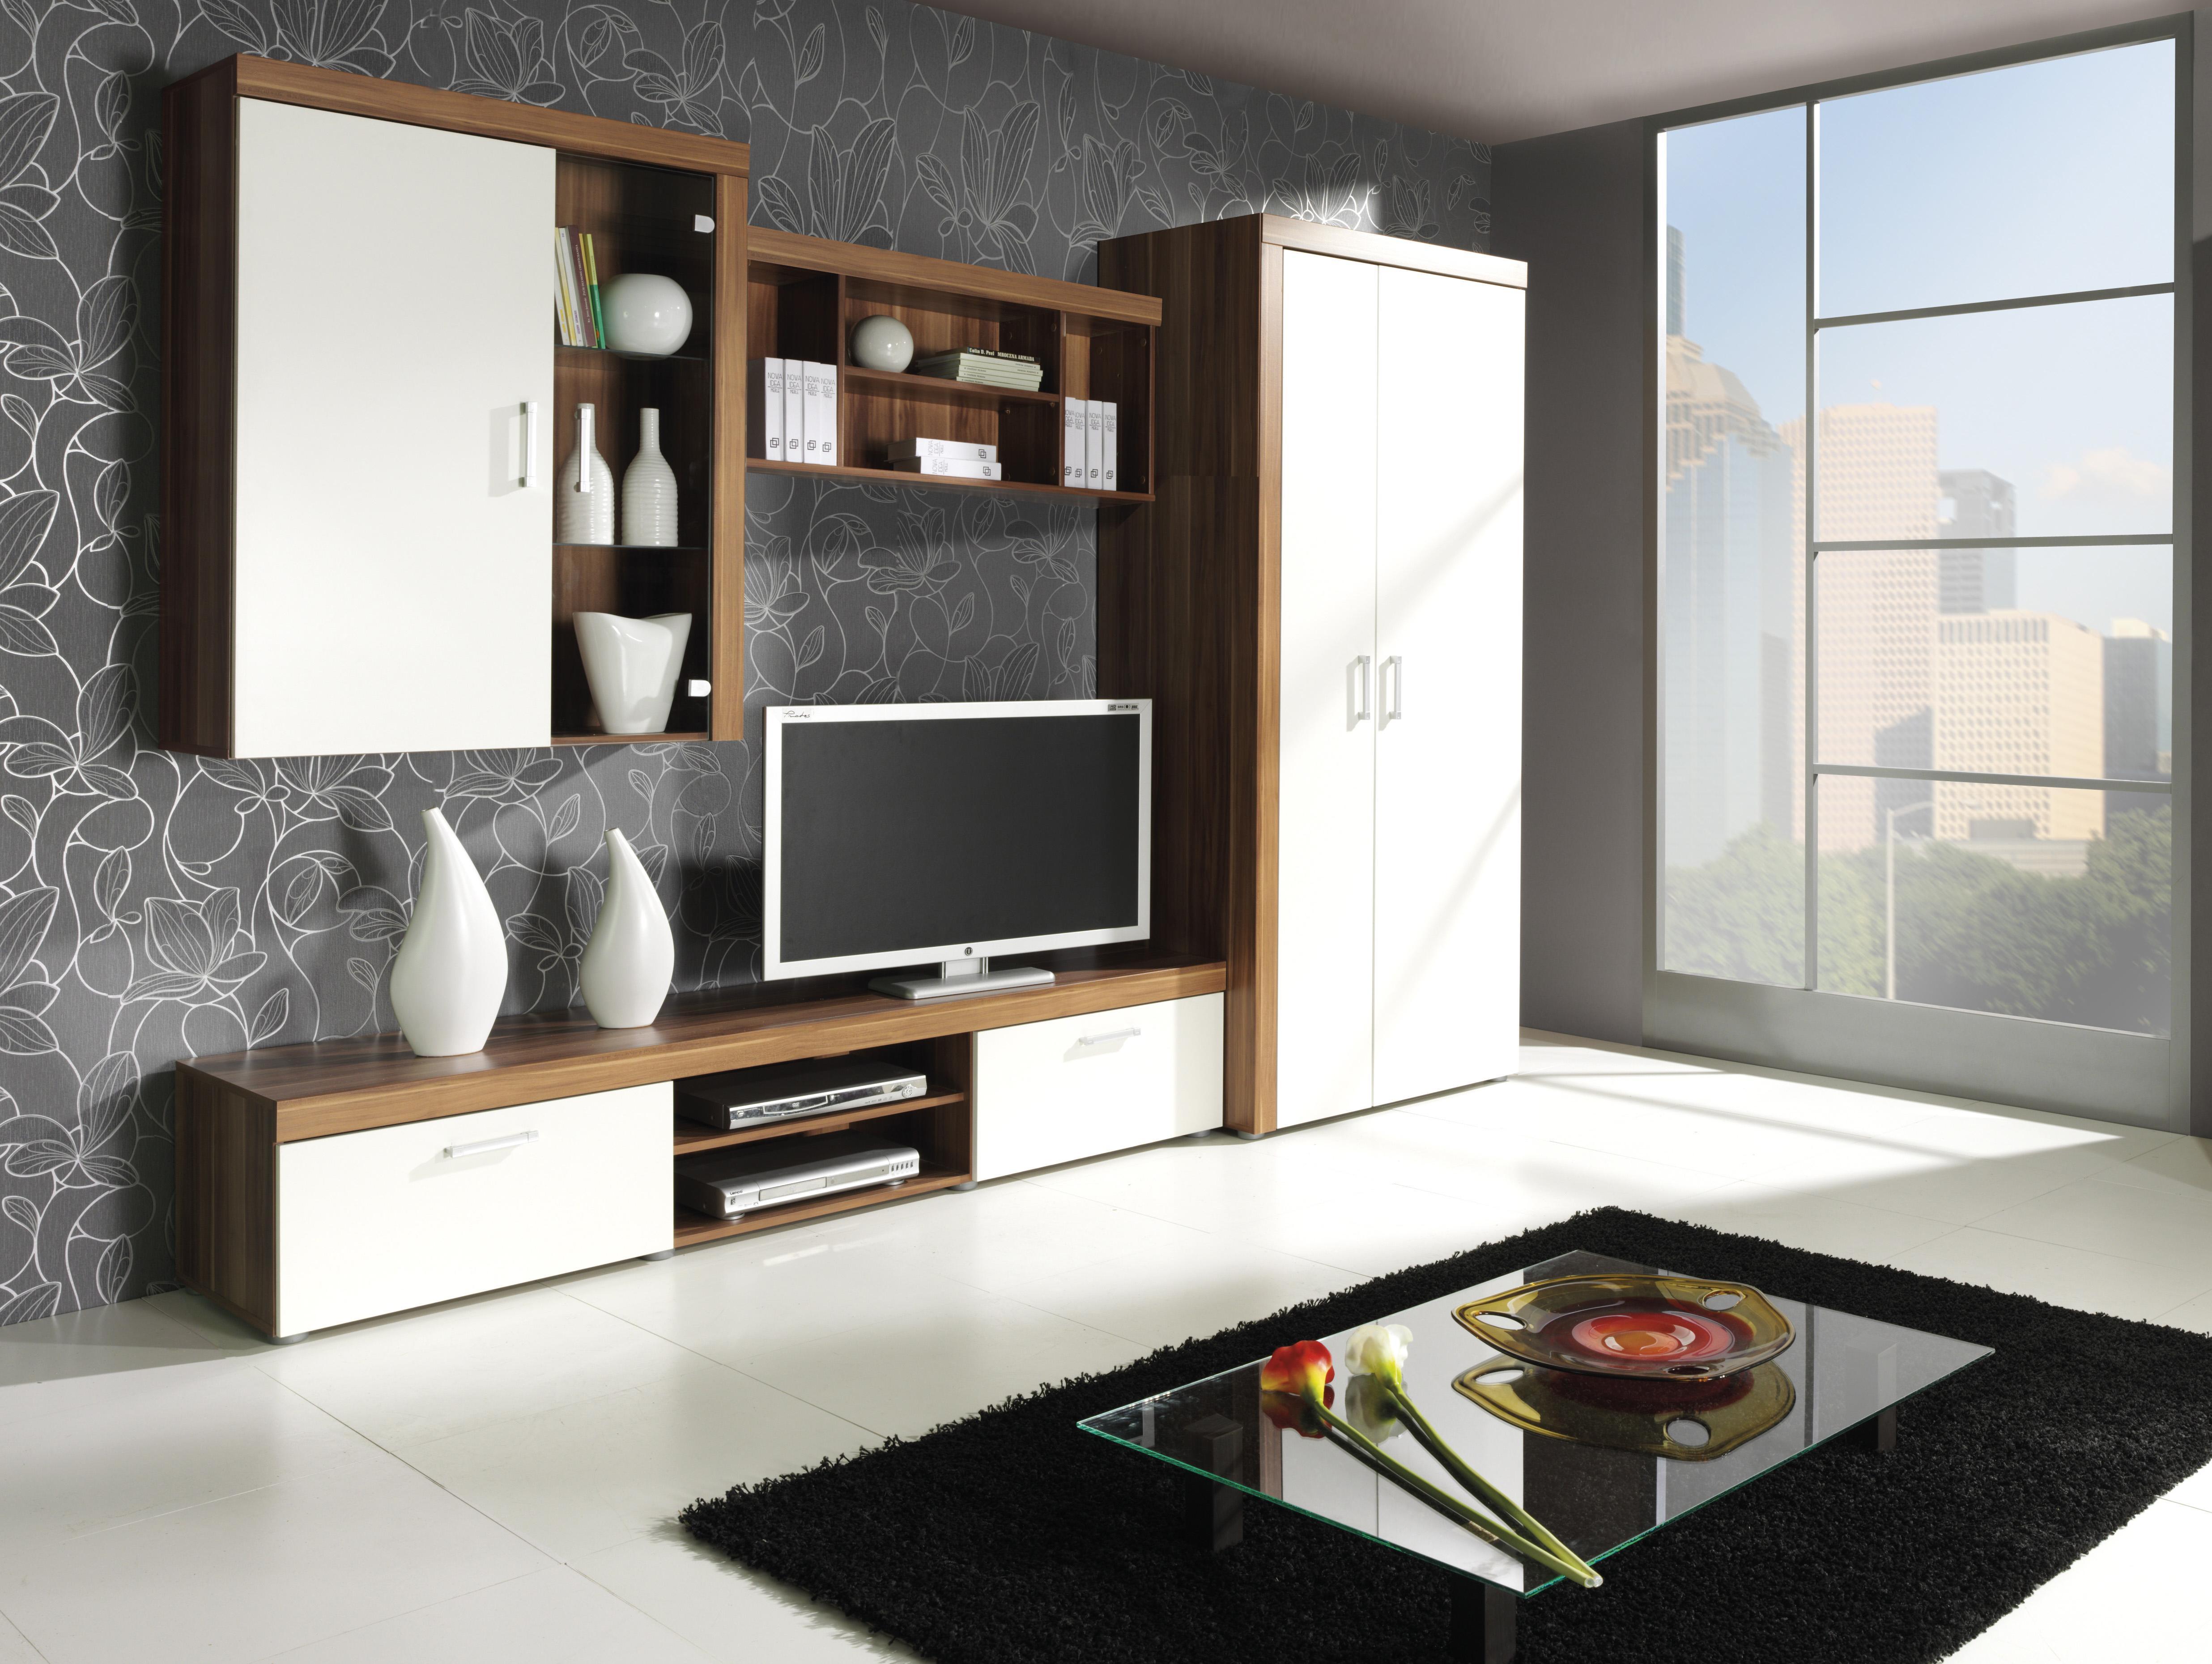 Obývacia stena - Salford - 1. Akcia -33%. Vlastná spoľahlivá doprava až k Vám domov.